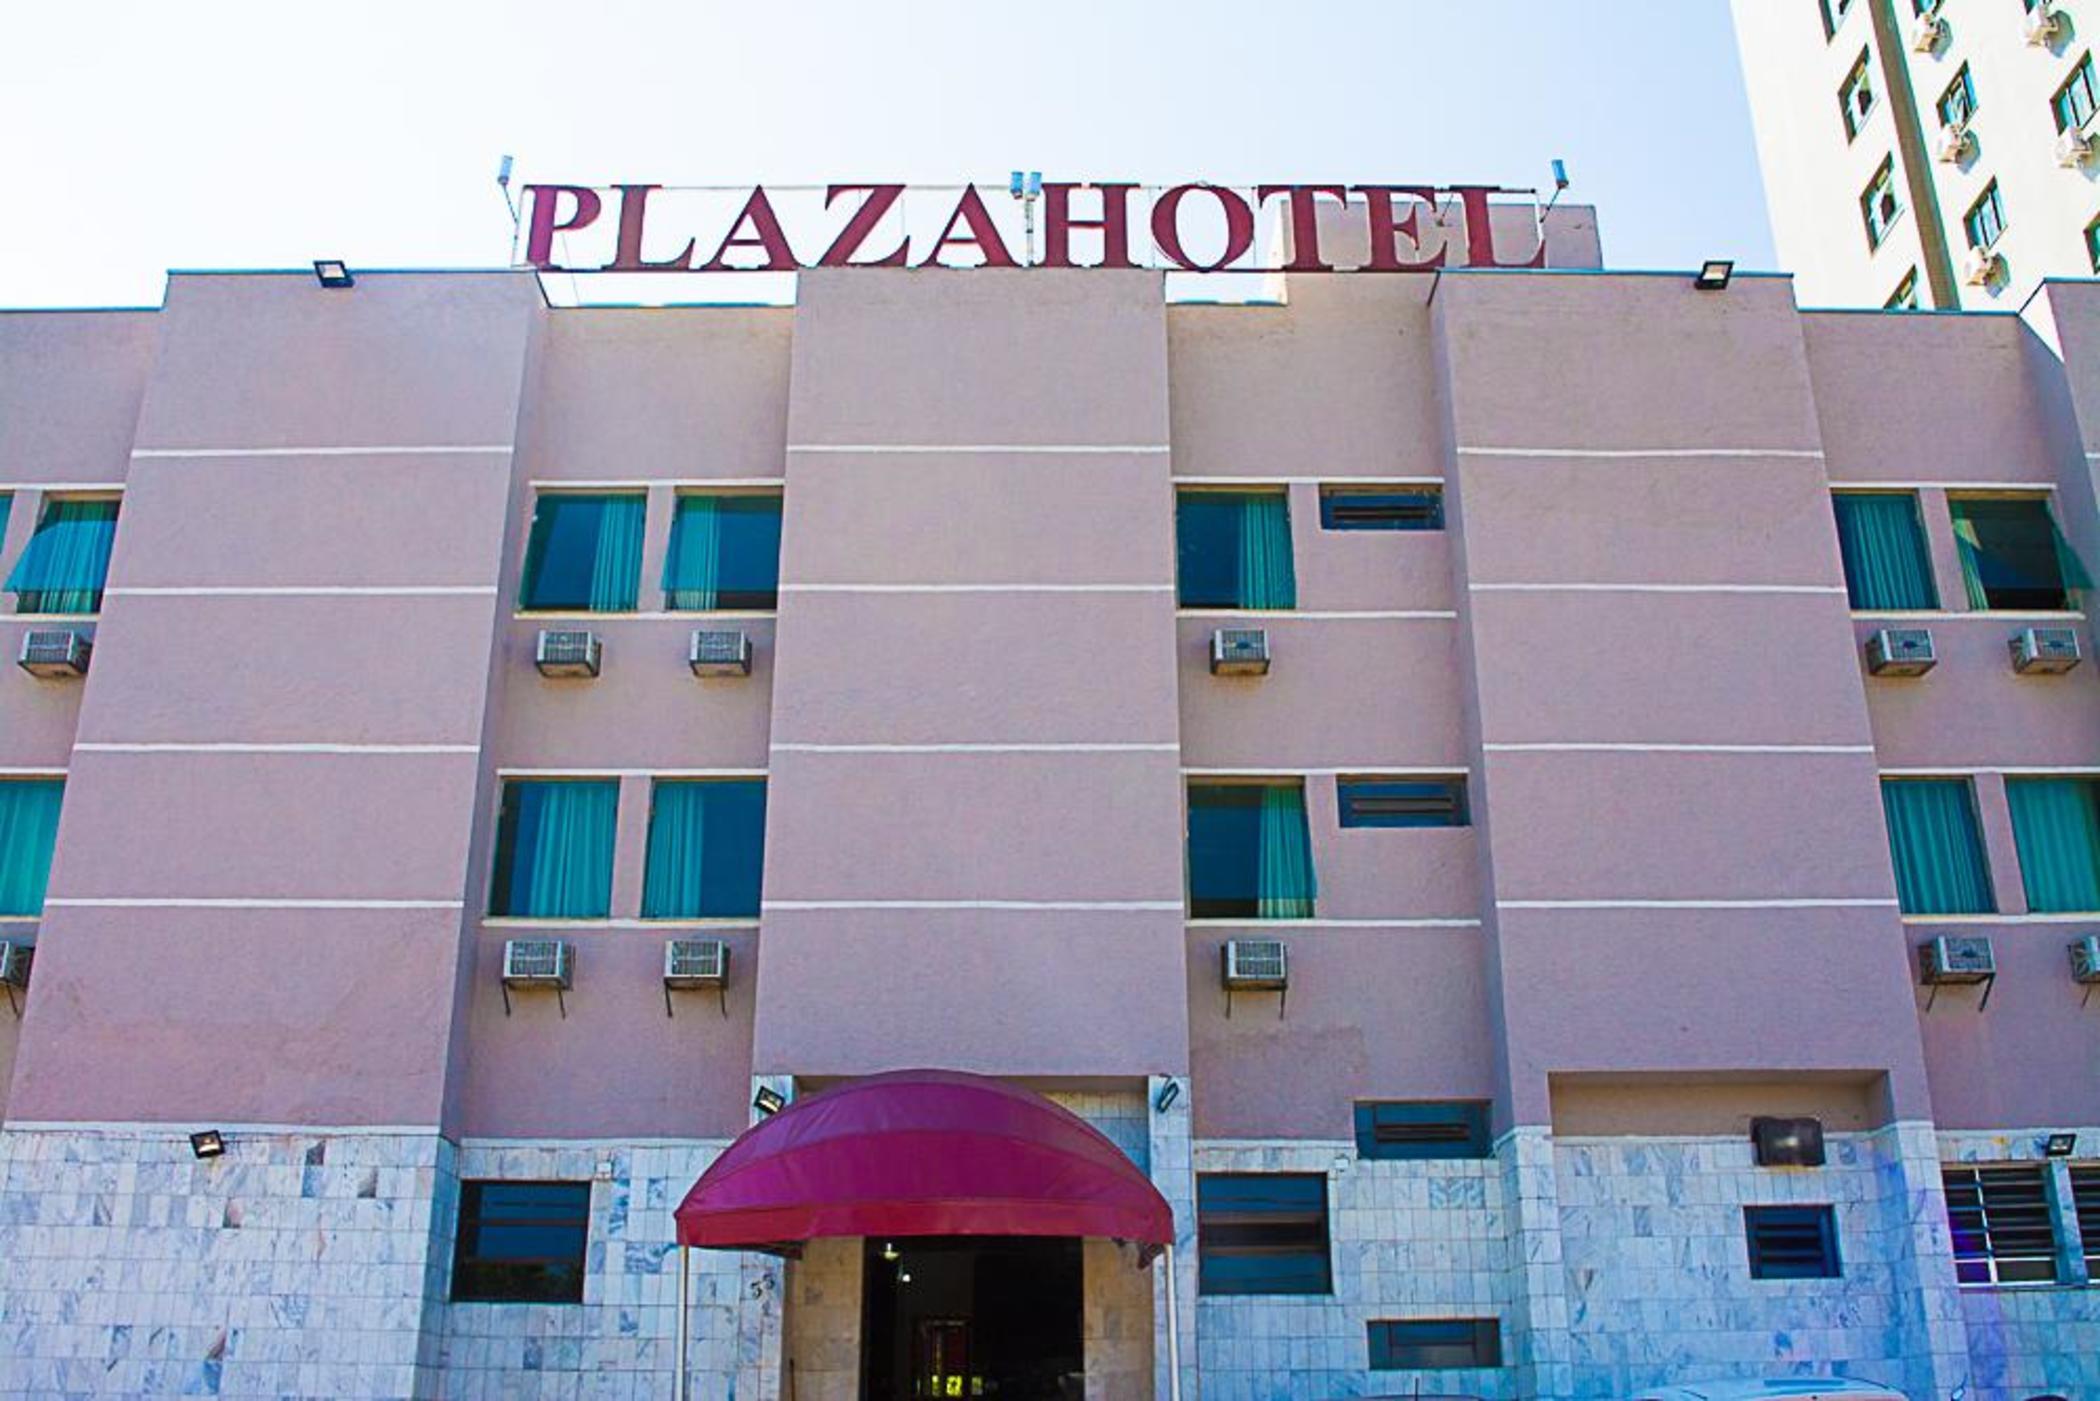 Plaza Hotel Sao Jose Dos Campos, São José dos Campos